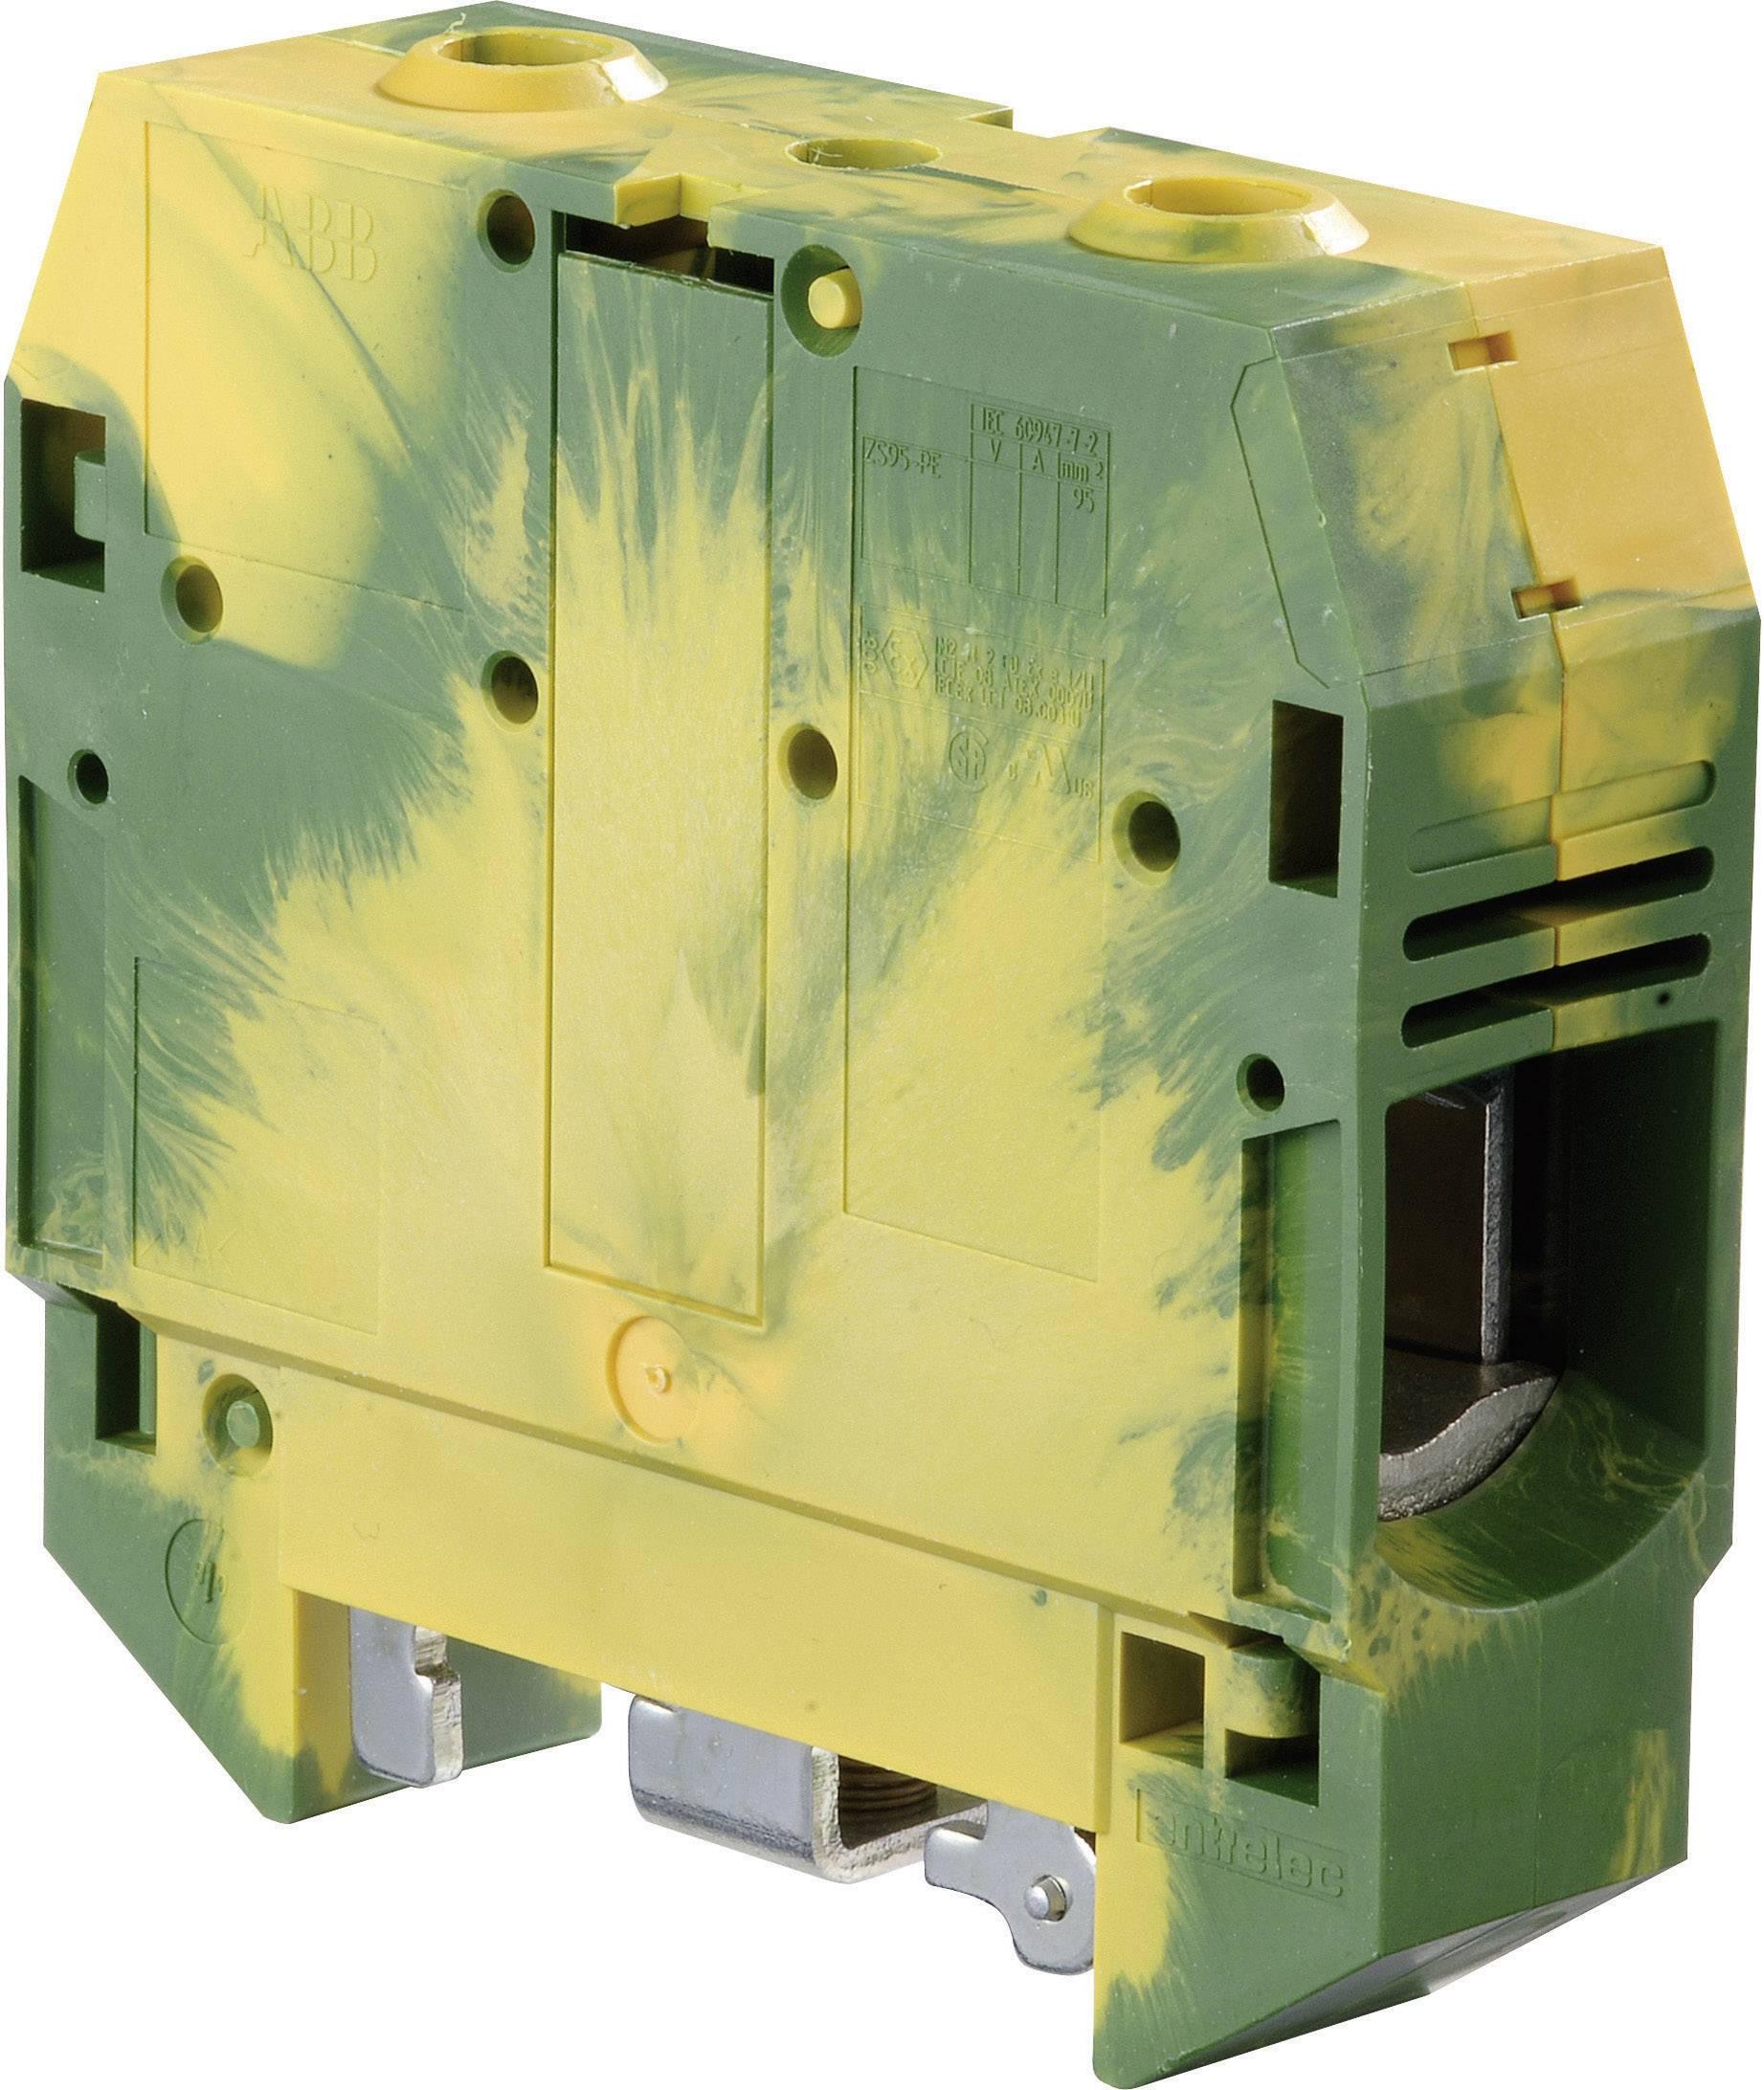 Svorka ochranného vodiče ABB 1SNK 526 150 R0000, 26 mm, šroubovací, osazení Terre, zelenožlutá, 1 ks